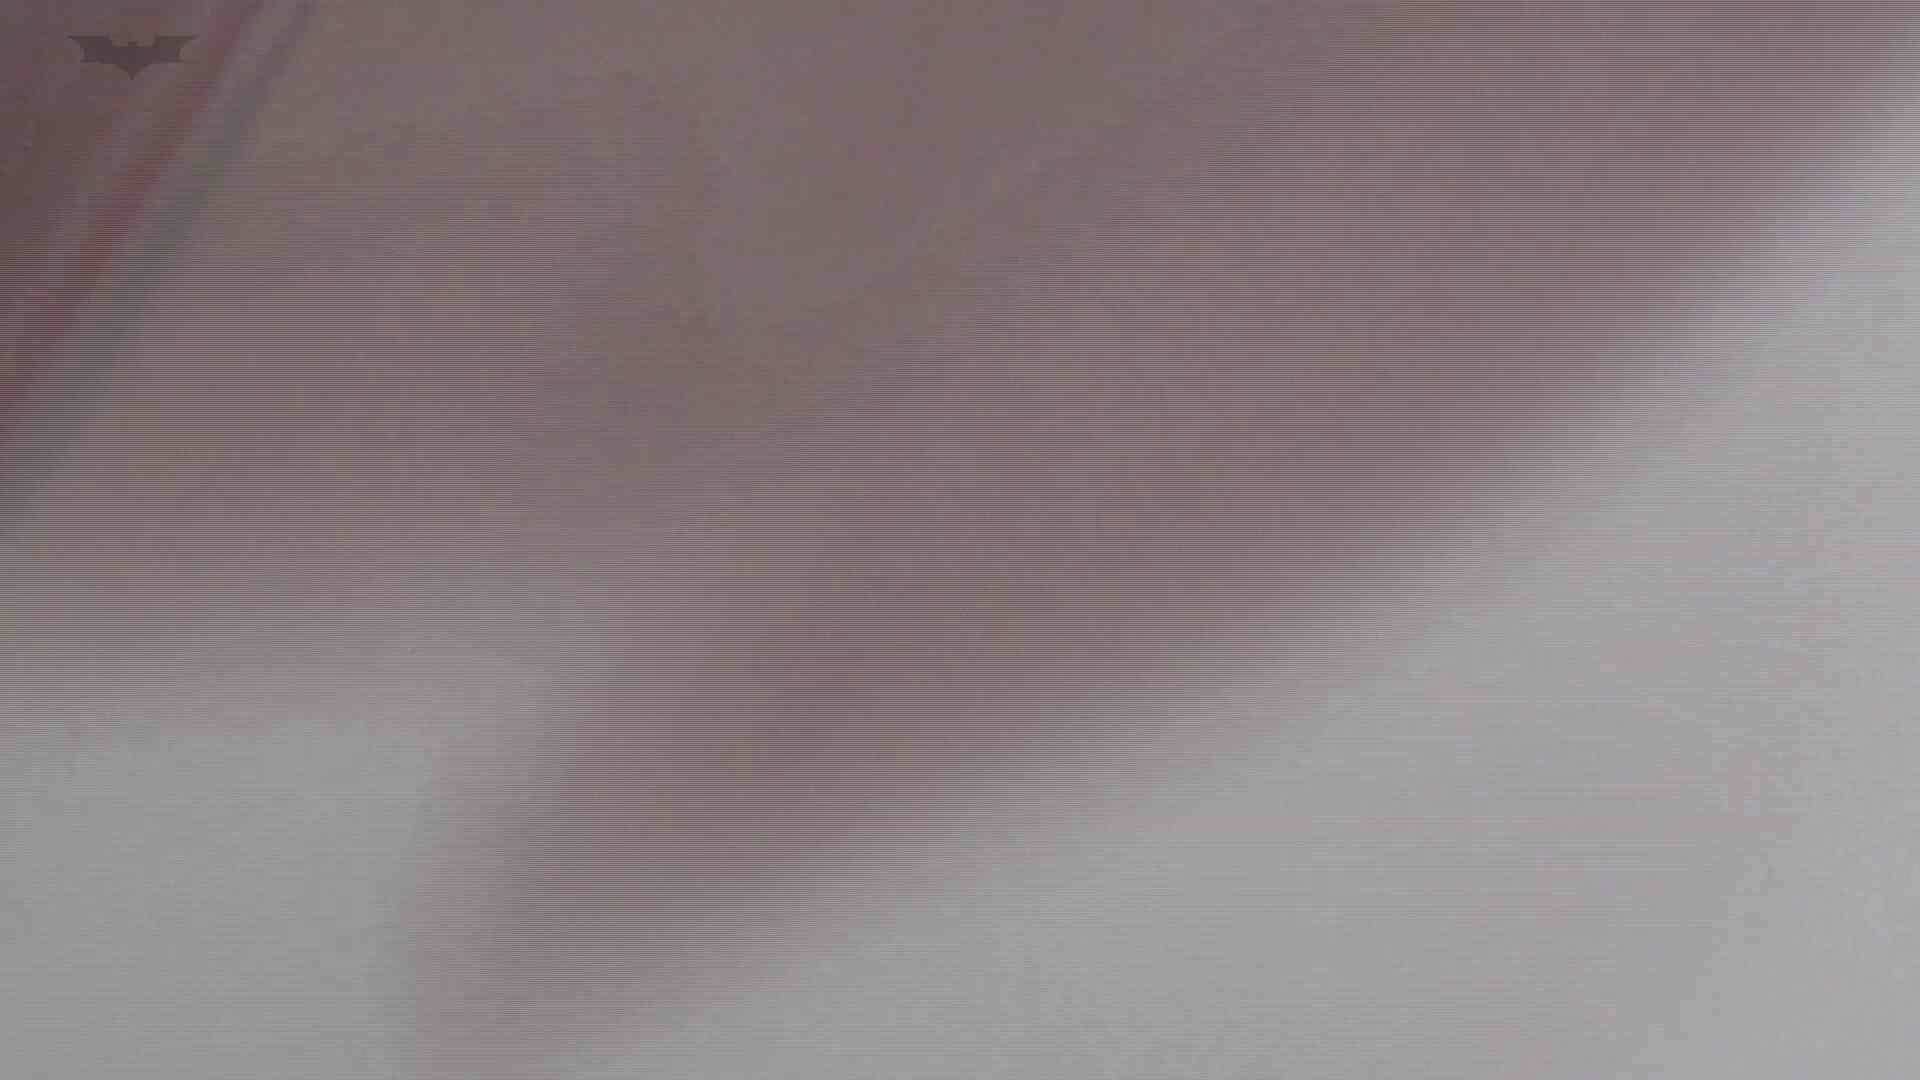 美しい日本の未来 No.19 顔全部撮れた2 おまんこ無修正 | ギャル・コレクション  82連発 19